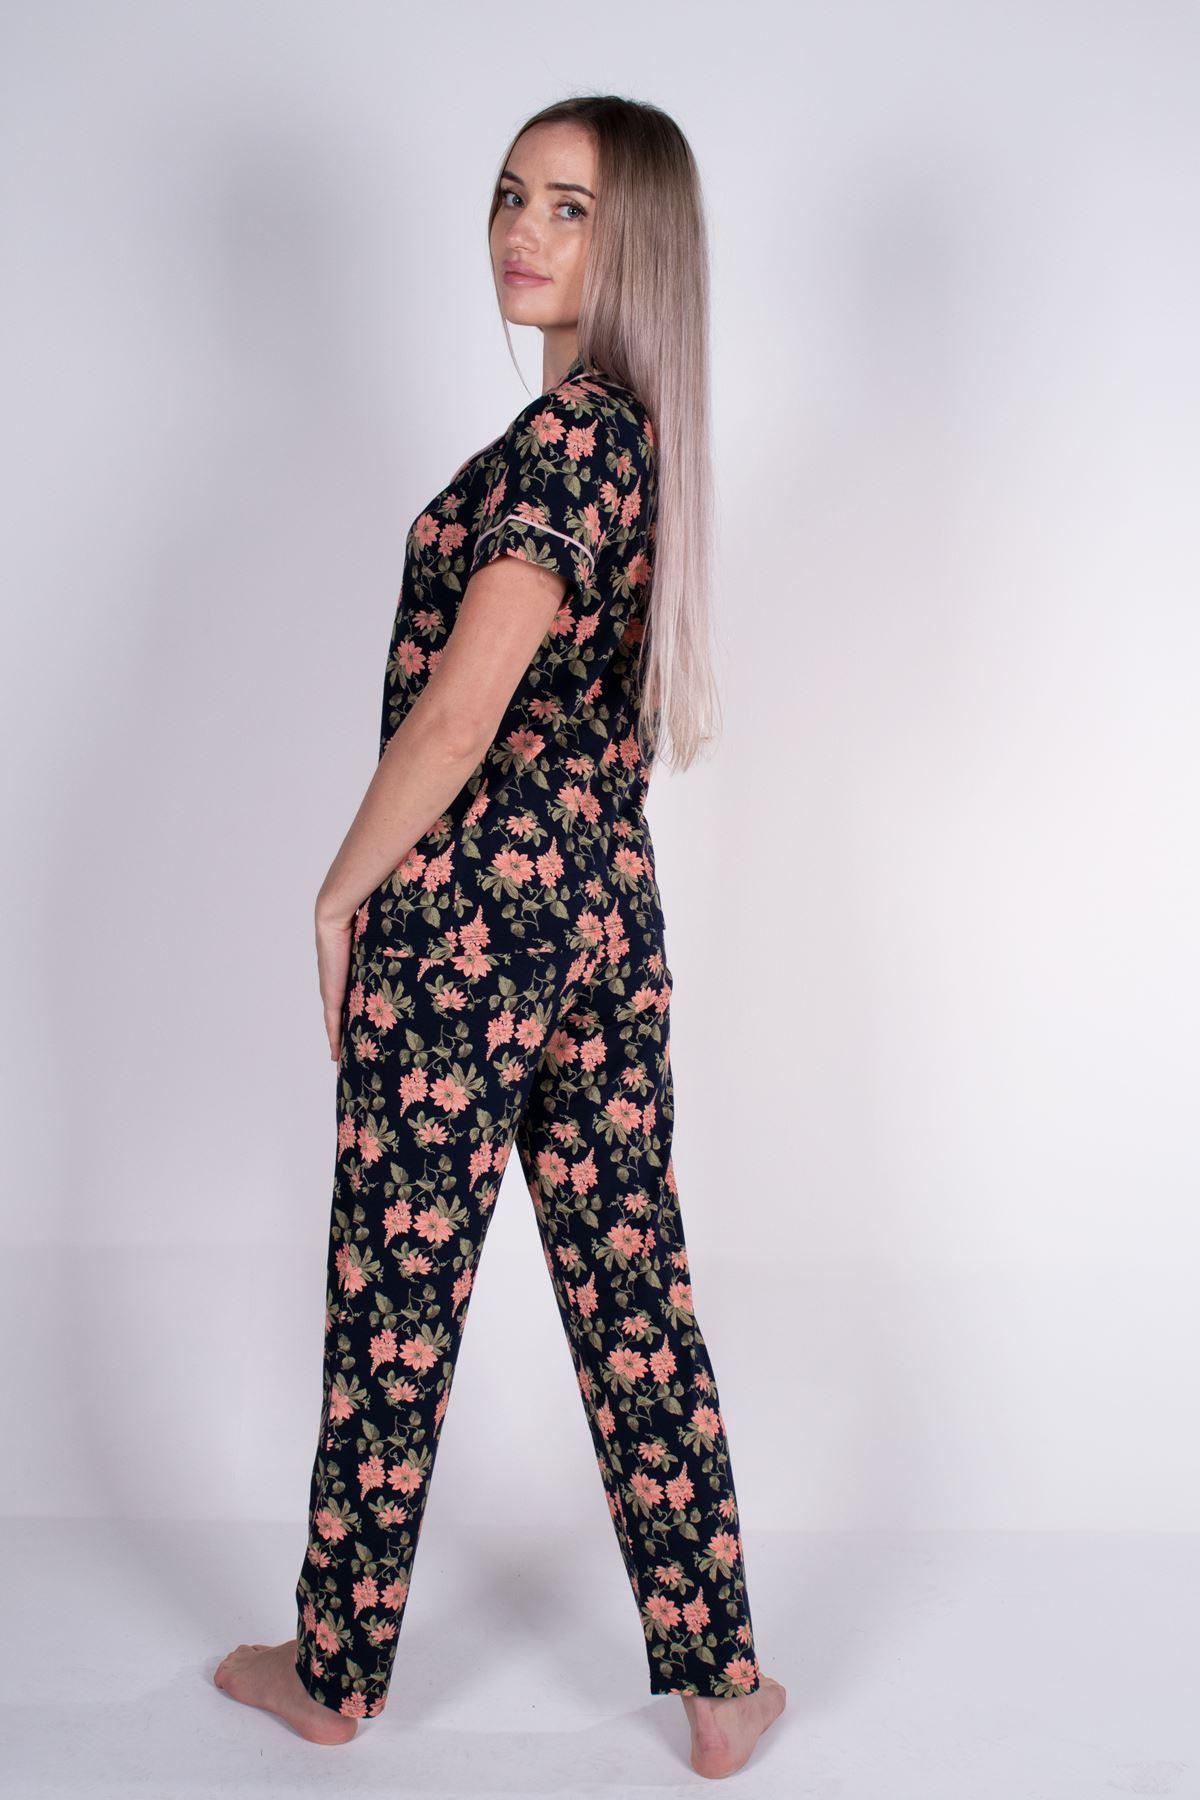 Malabadi Kadın Lacivert Düğmeli Likralı Modal Yazlık Pijama Takımı 5004